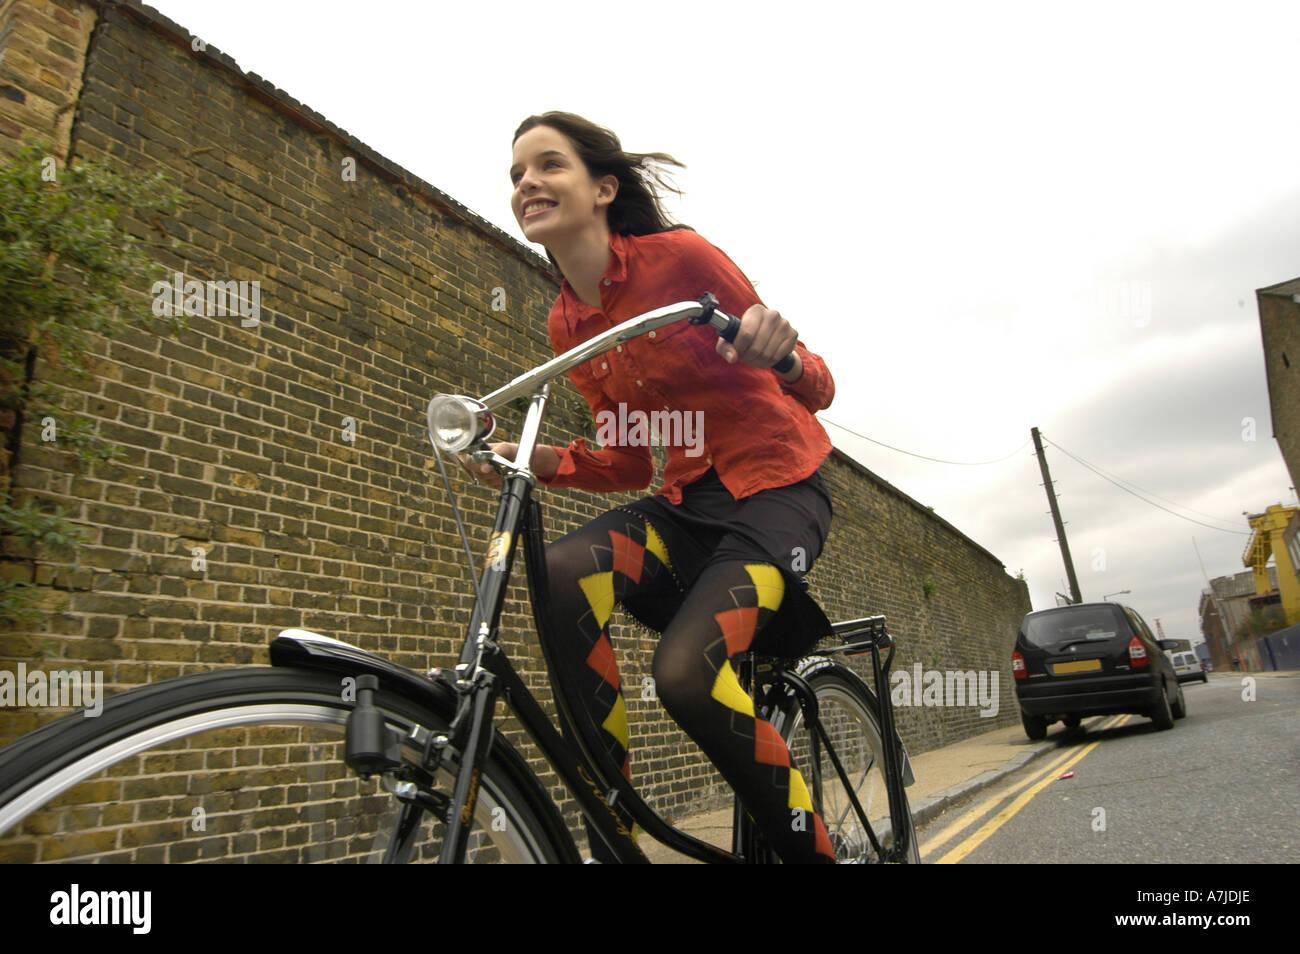 Une fille l'accélération sur un vieux modèle de cycle sur une route avec un mur de briques à côté et une voiture garée à l'arrière-plan. Photo Stock